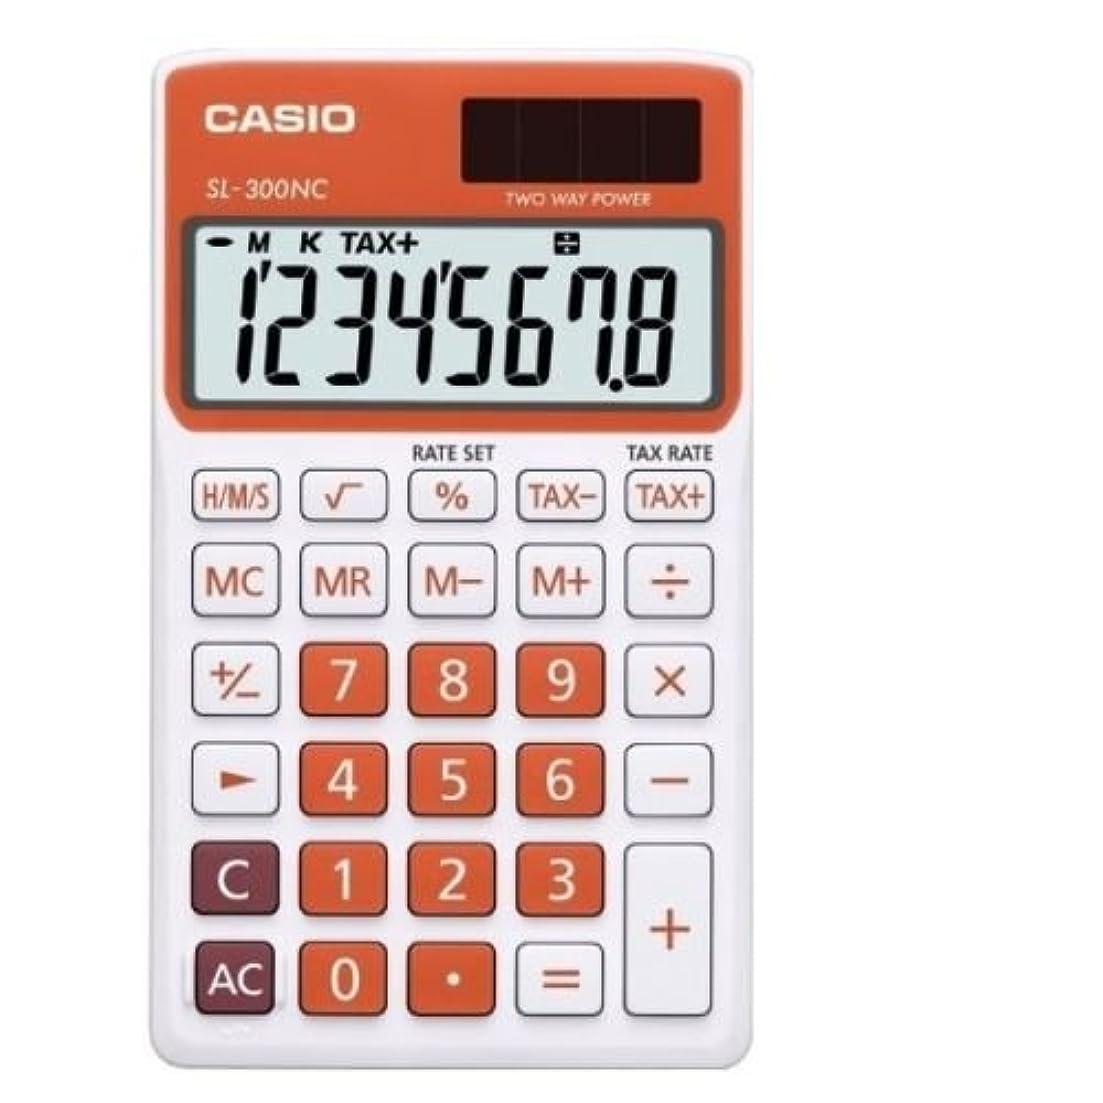 サンダース章ばかげているCasio SL-300NC-RG 基本電卓大型ディスプレイ税 SL300NC ブラック/オレンジ [並行輸入品]